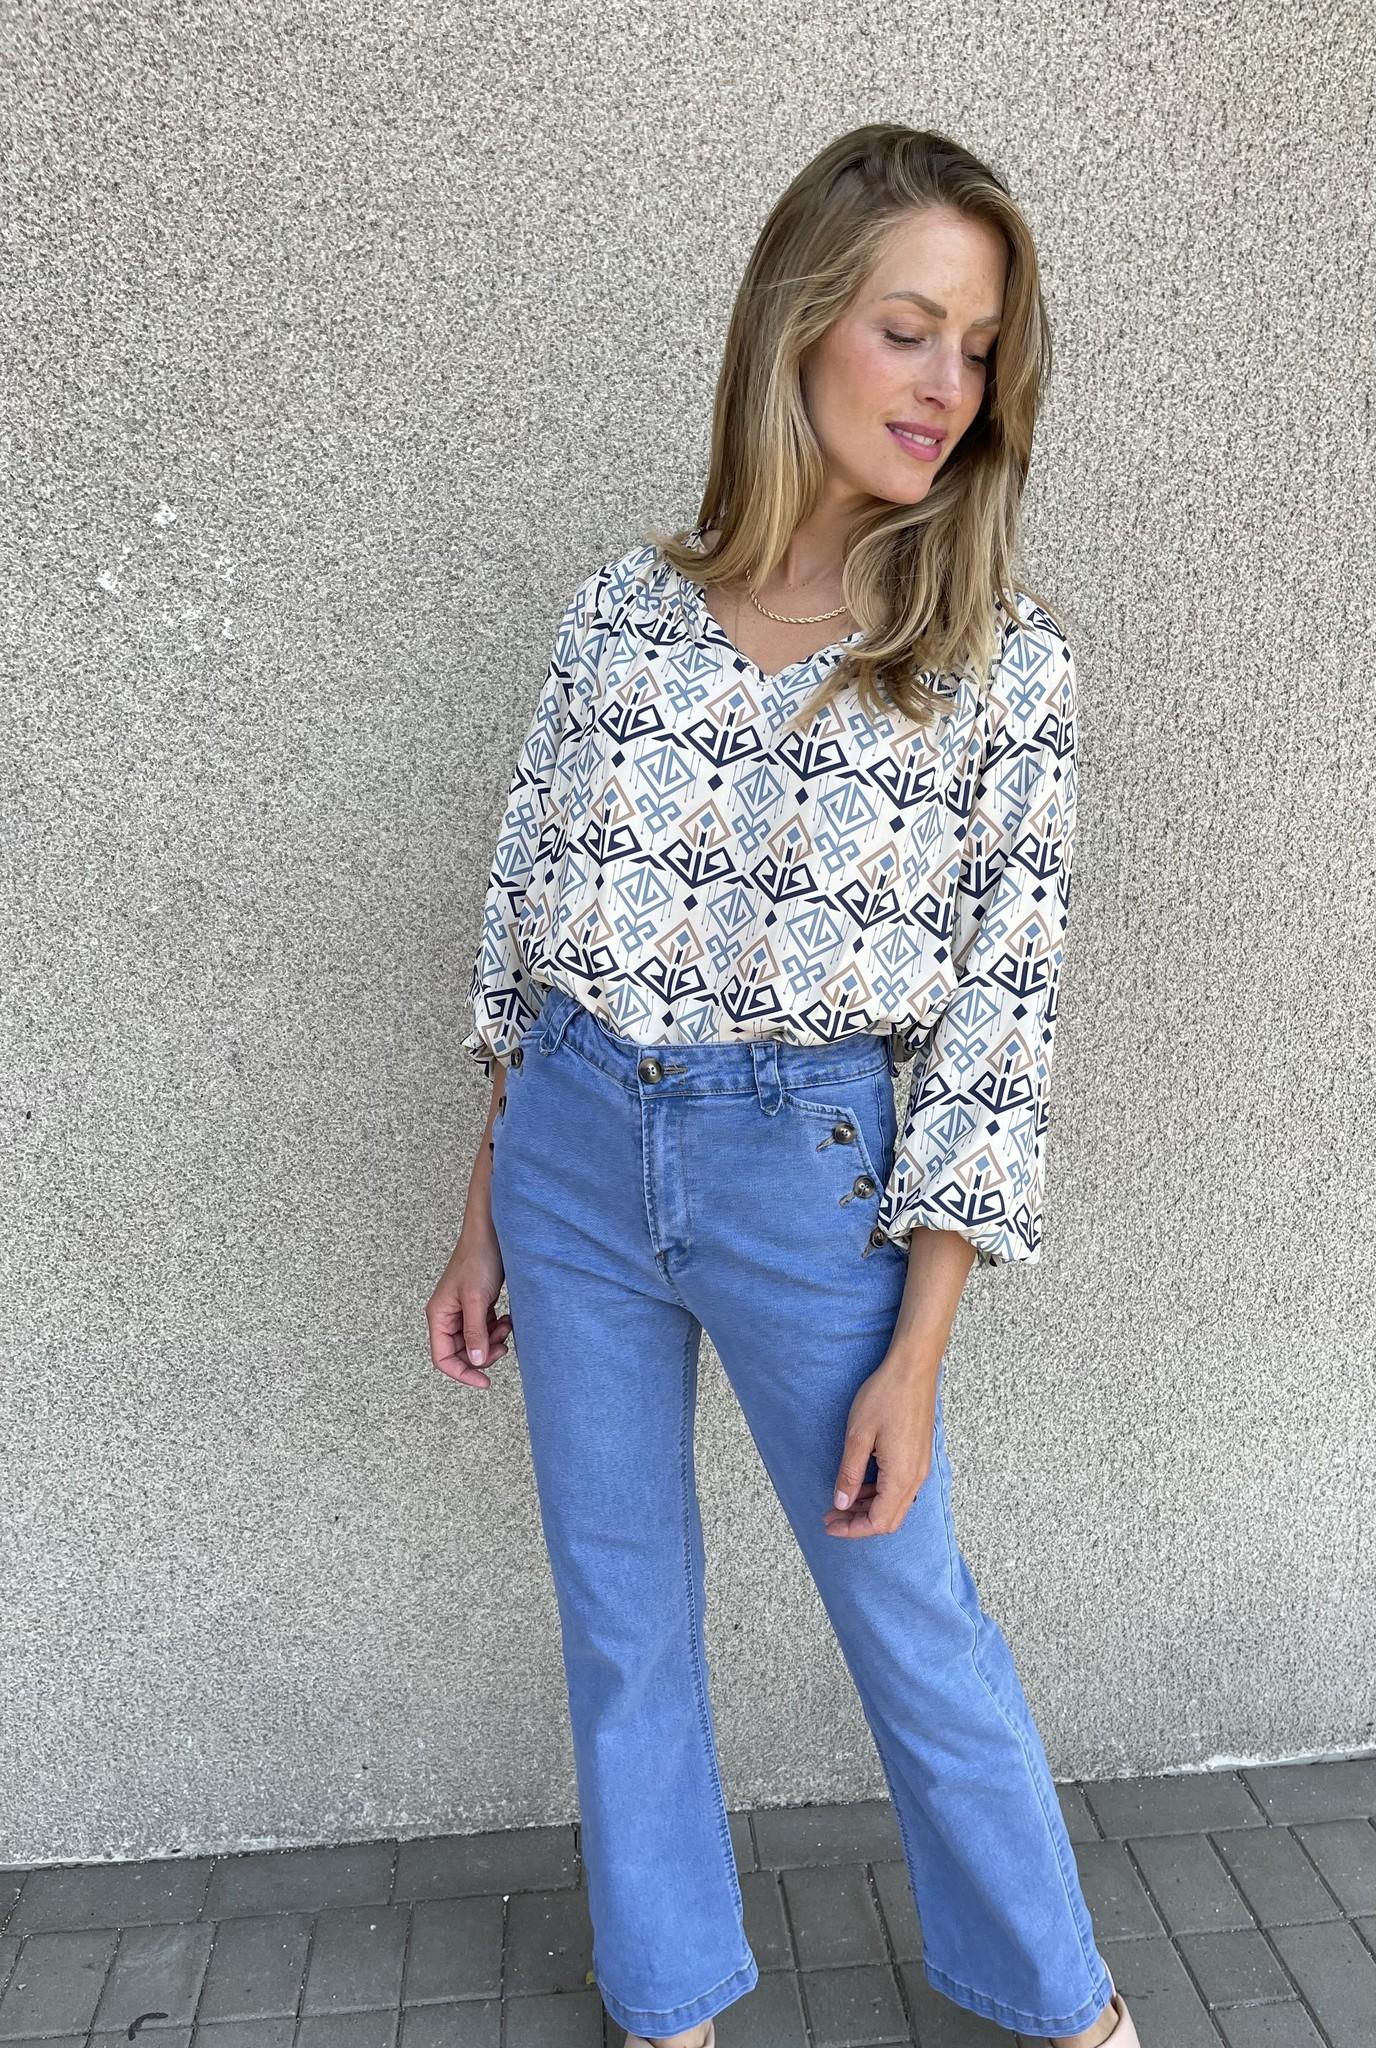 AZTEQUE blouse-2